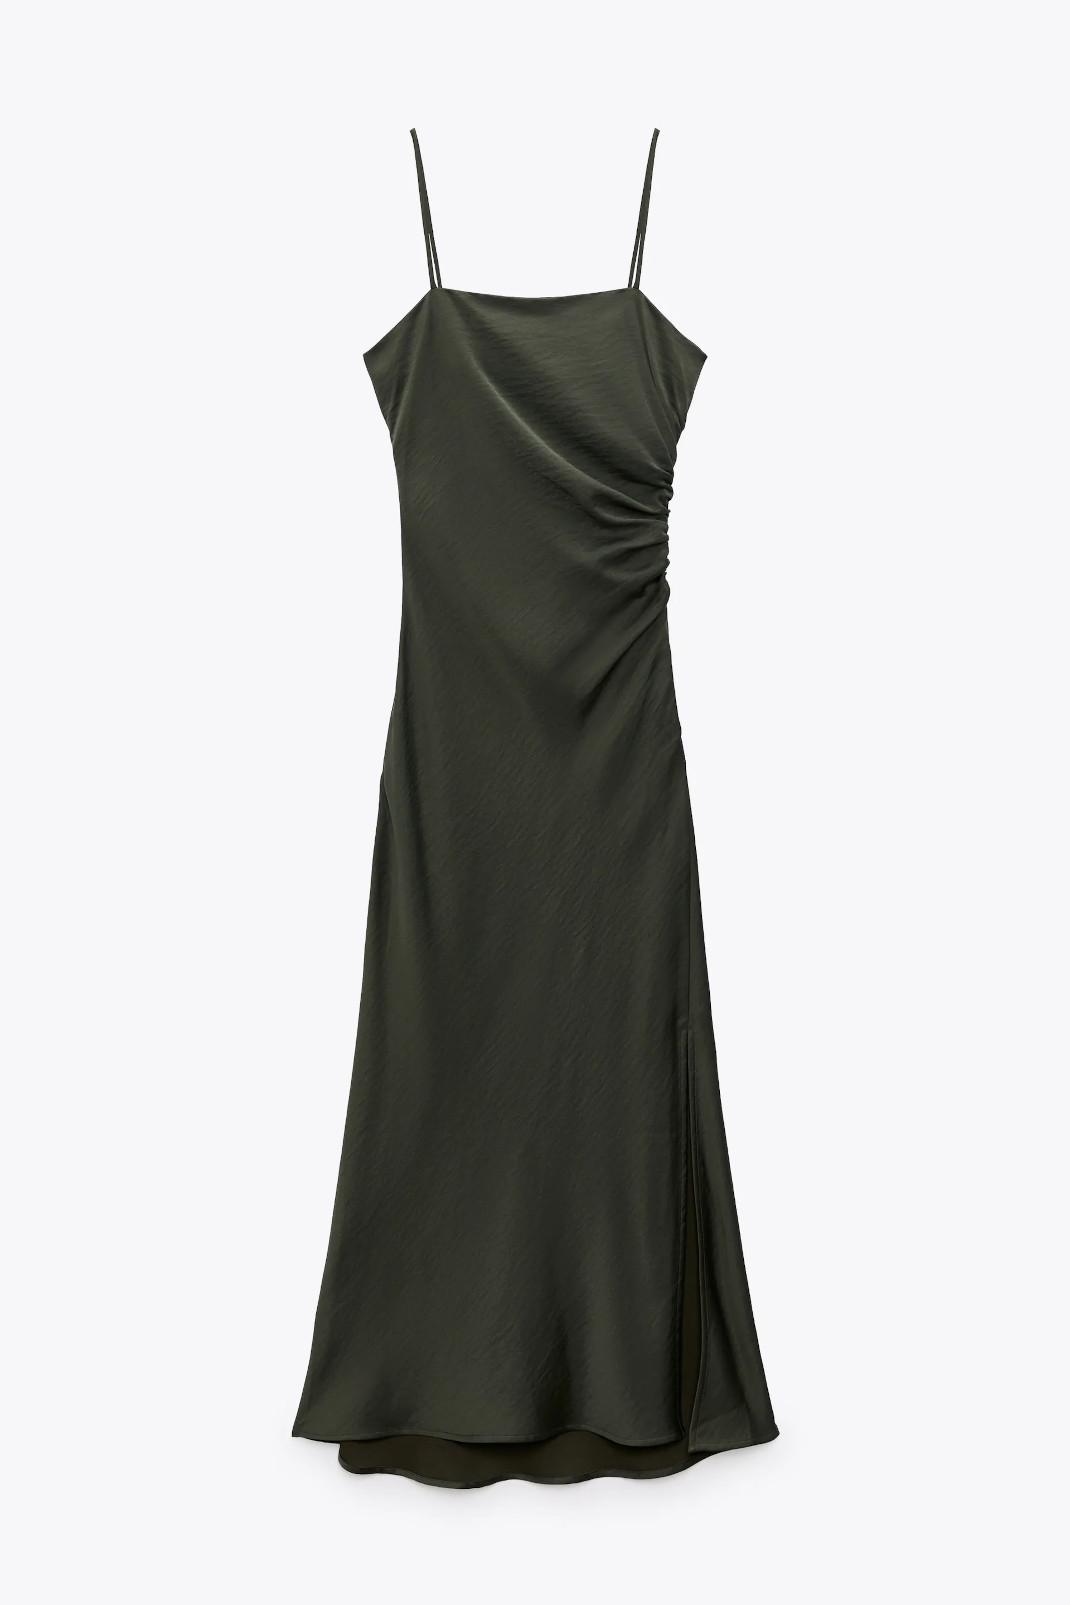 Η Ελιάνα Χρυσικοπούλου με υπέροχο οικονομικό φθινοπωρινό φόρεμα! Κοστίζει μόλις 26 ευρώ (εικόνες)